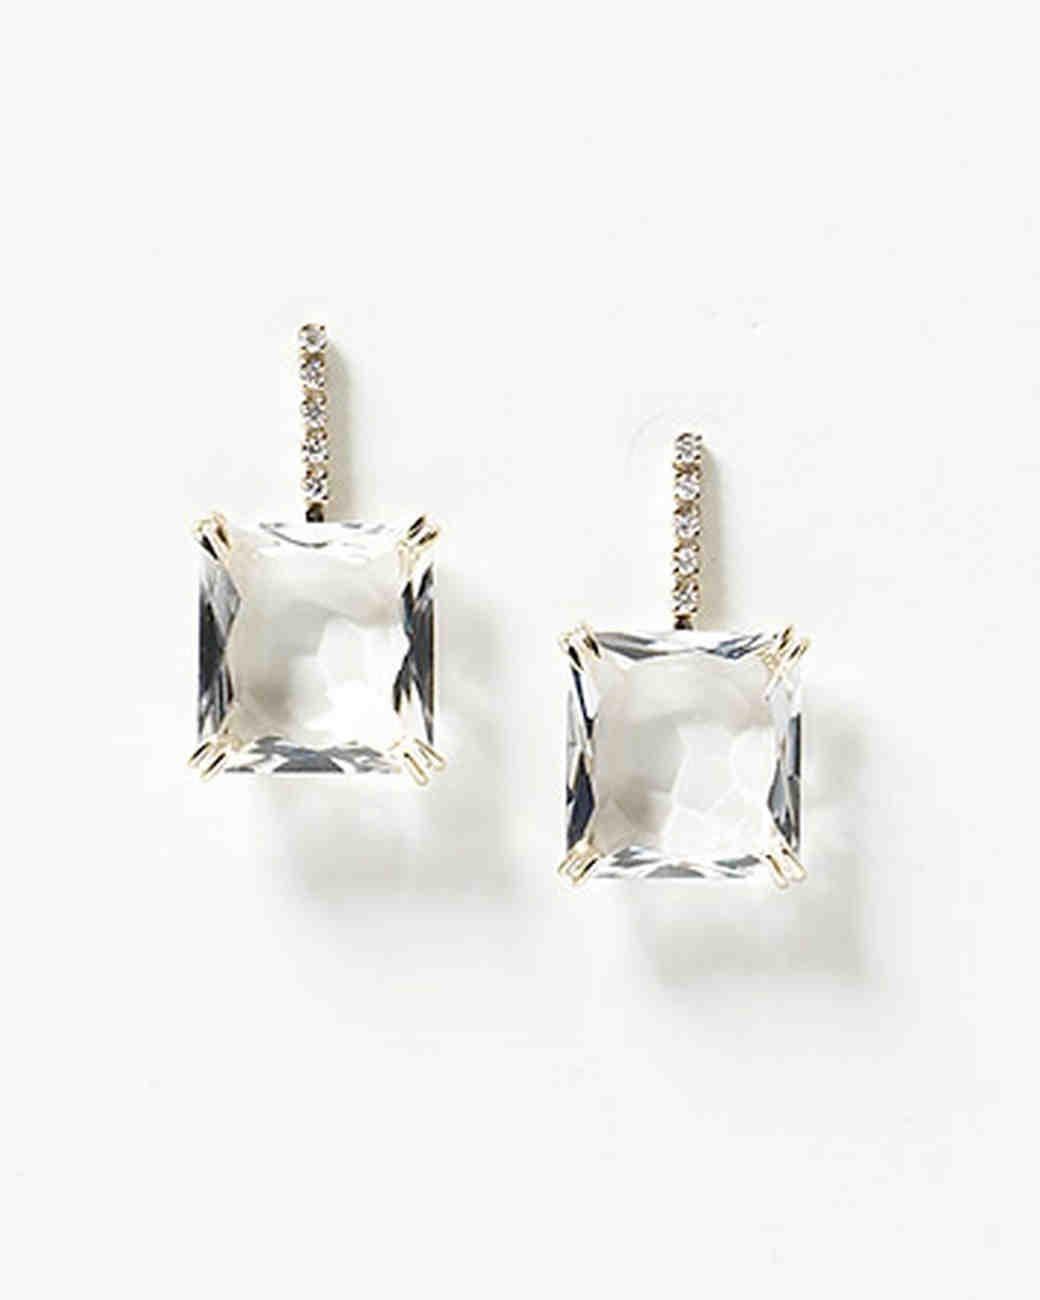 wd104606_spr09_jewelry51.jpg